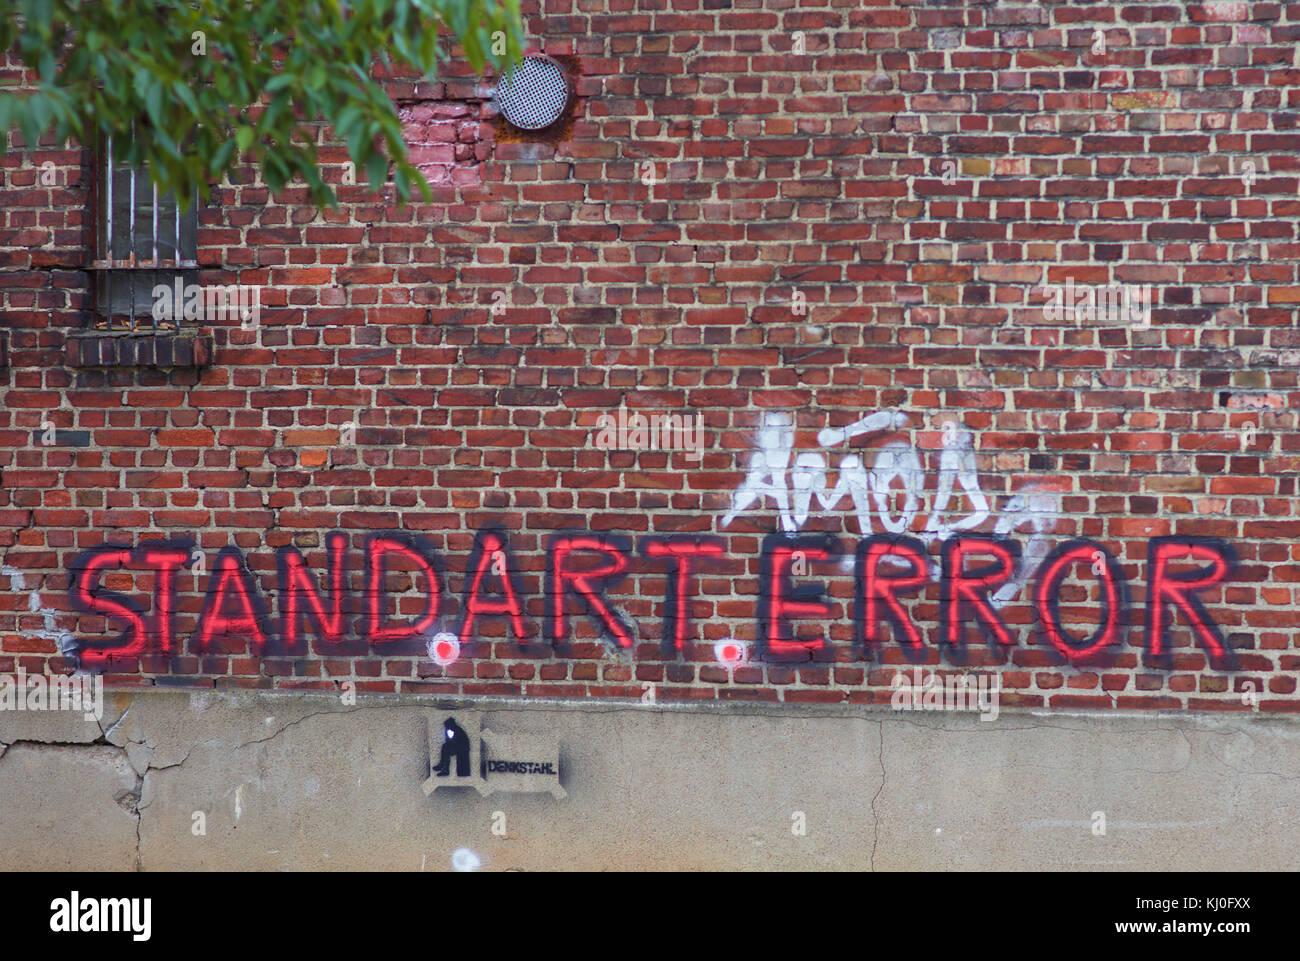 standarterror-graffiti-on-brick-wall-KJ0